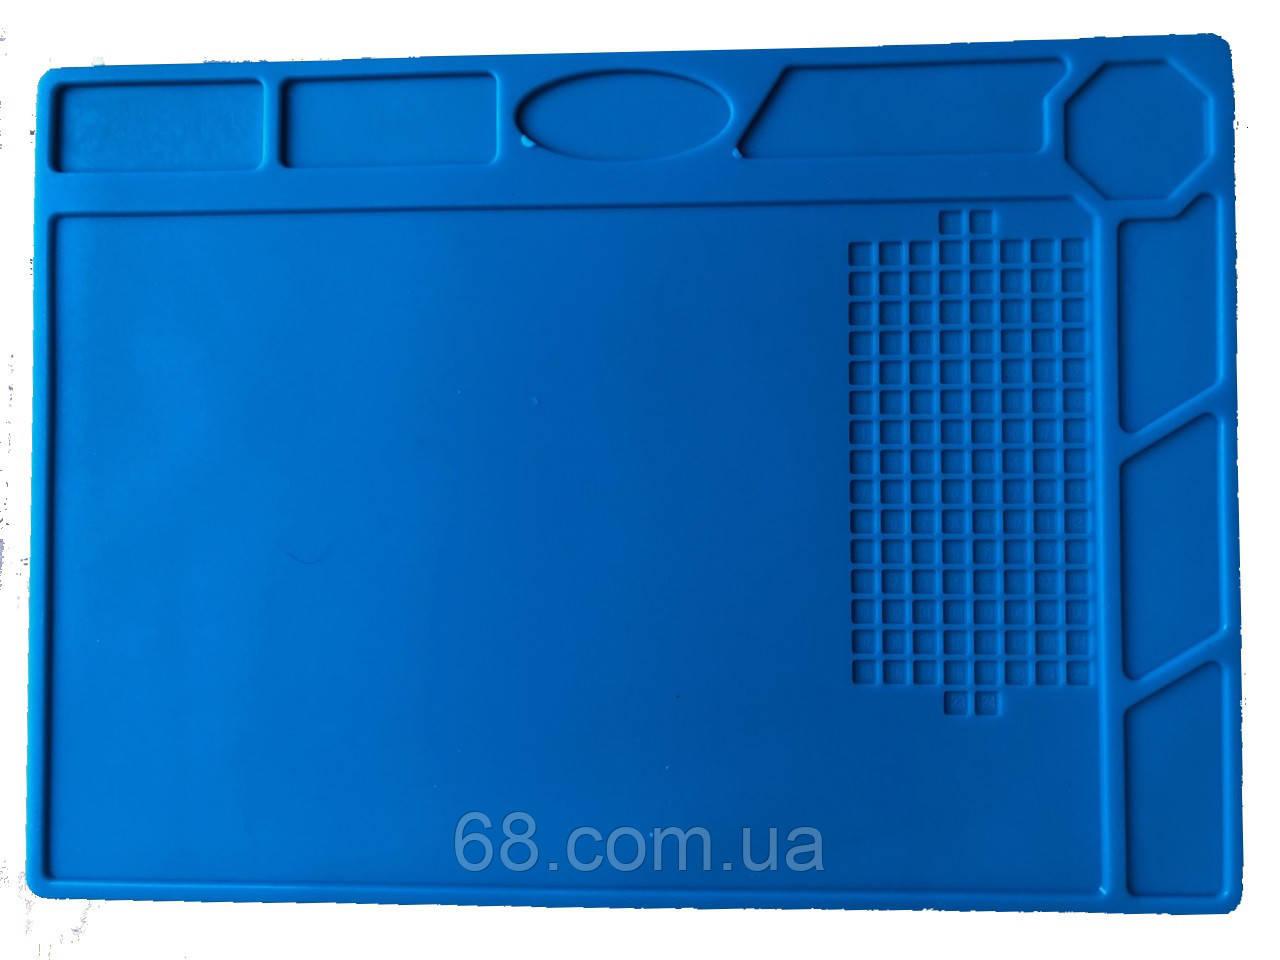 Силиконовый коврик 32х22 см для пайки мобильных телефонов Настольный Силіконовий килимок Мат Средний